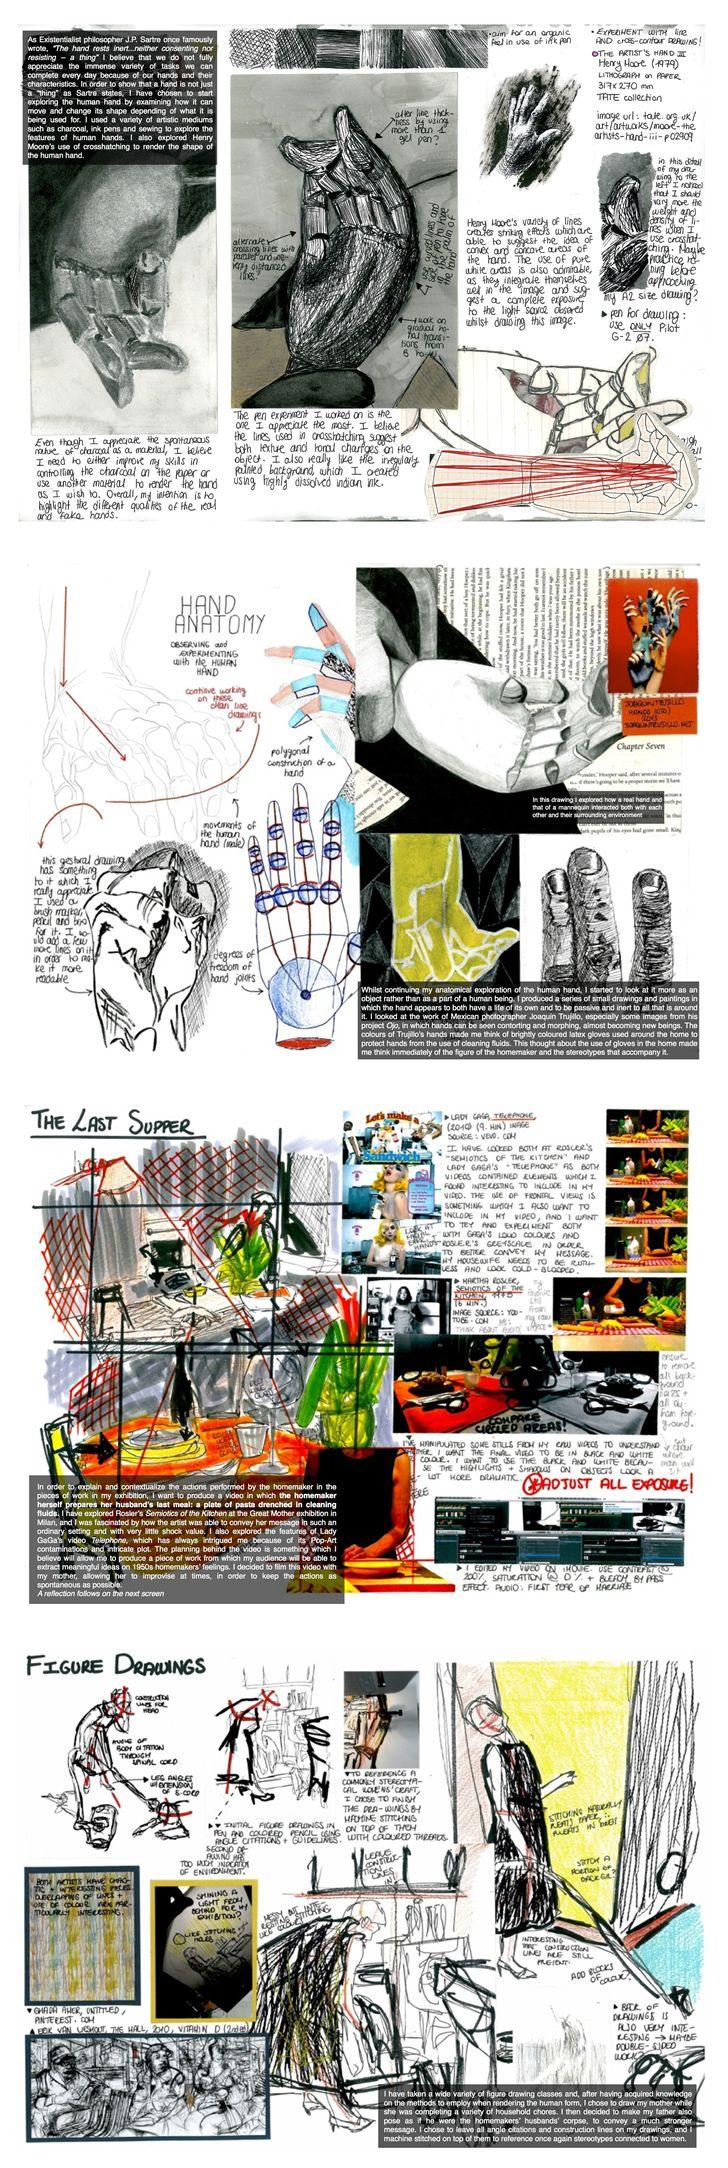 art syllabus V isualartsvisual artsvisualarts visualartsvisual artsvisualarts isualartsvisual csec® visual arts caribbean examinations council syllabus subject reports.